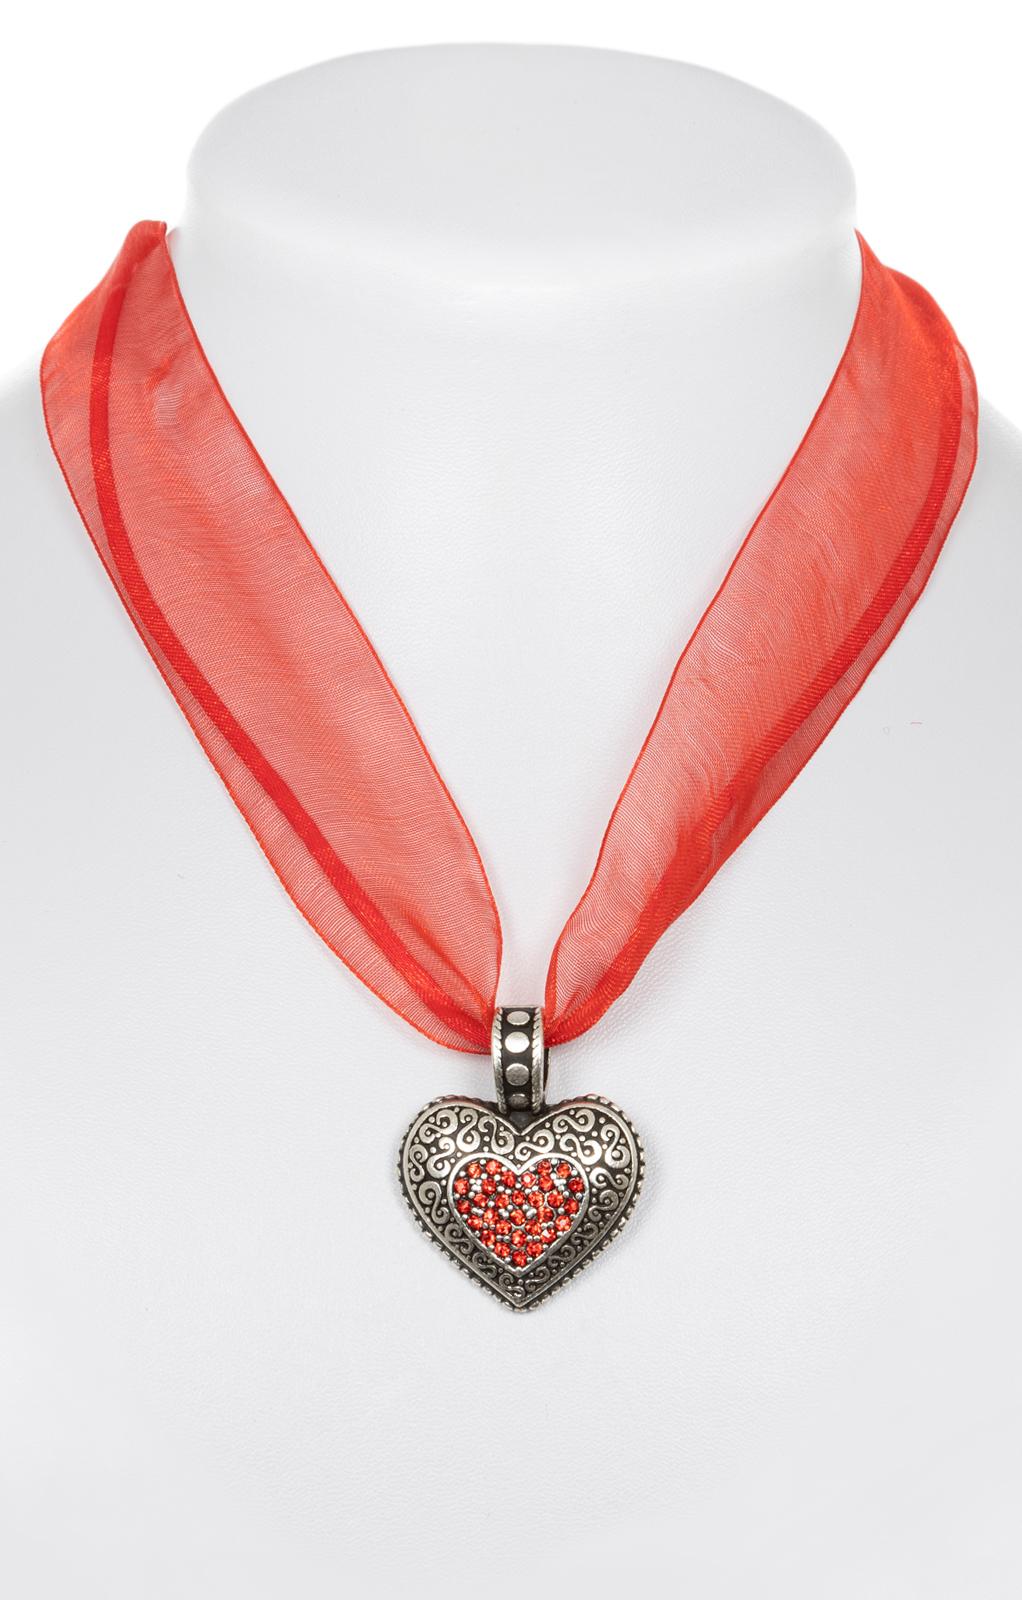 Chiffonband 9631 mit Herz, rot von Schuhmacher